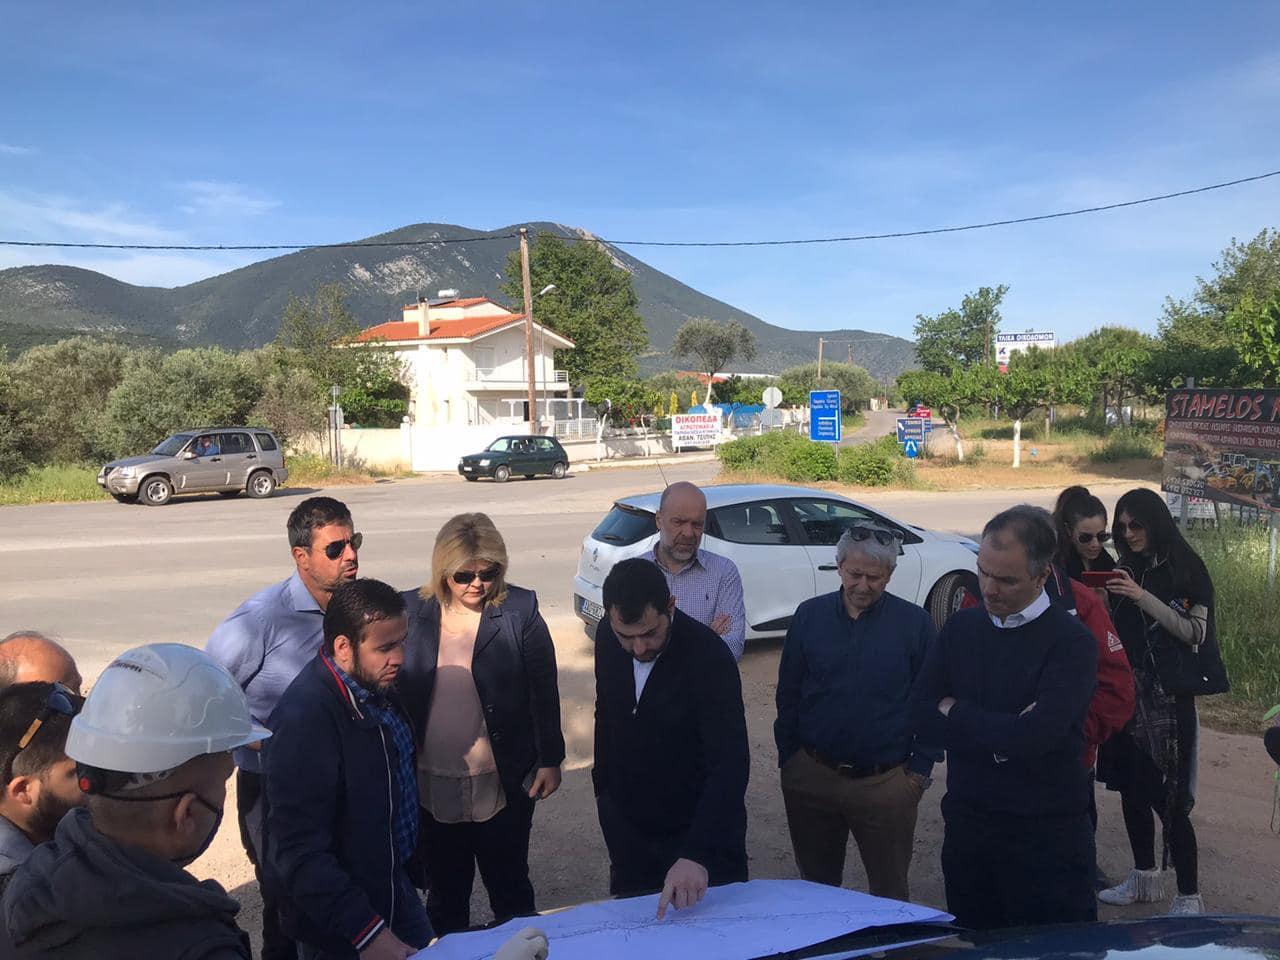 Ξεκινά η κατασκευή του κόμβου Δροσιάς, Ξεκινά η κατασκευή του κόμβου Δροσιάς, έργο ύψους 1.200.000 ευρώ στην θέση Αγ. Παρασκευή, Eviathema.gr | ΕΥΒΟΙΑ ΝΕΑ - Νέα και ειδήσεις από όλη την Εύβοια